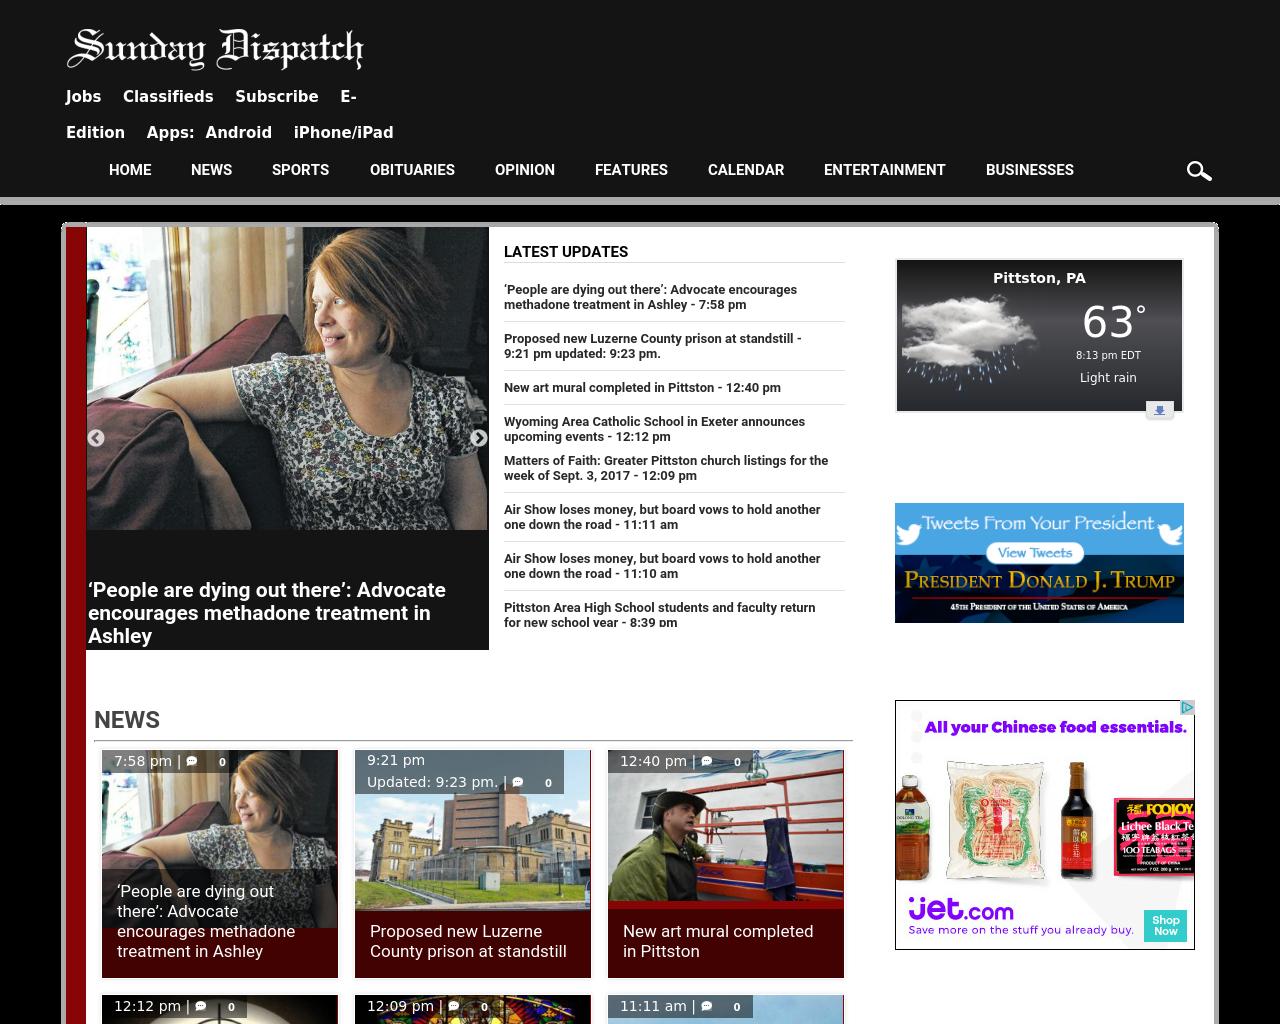 Psdispatch.com-Advertising-Reviews-Pricing